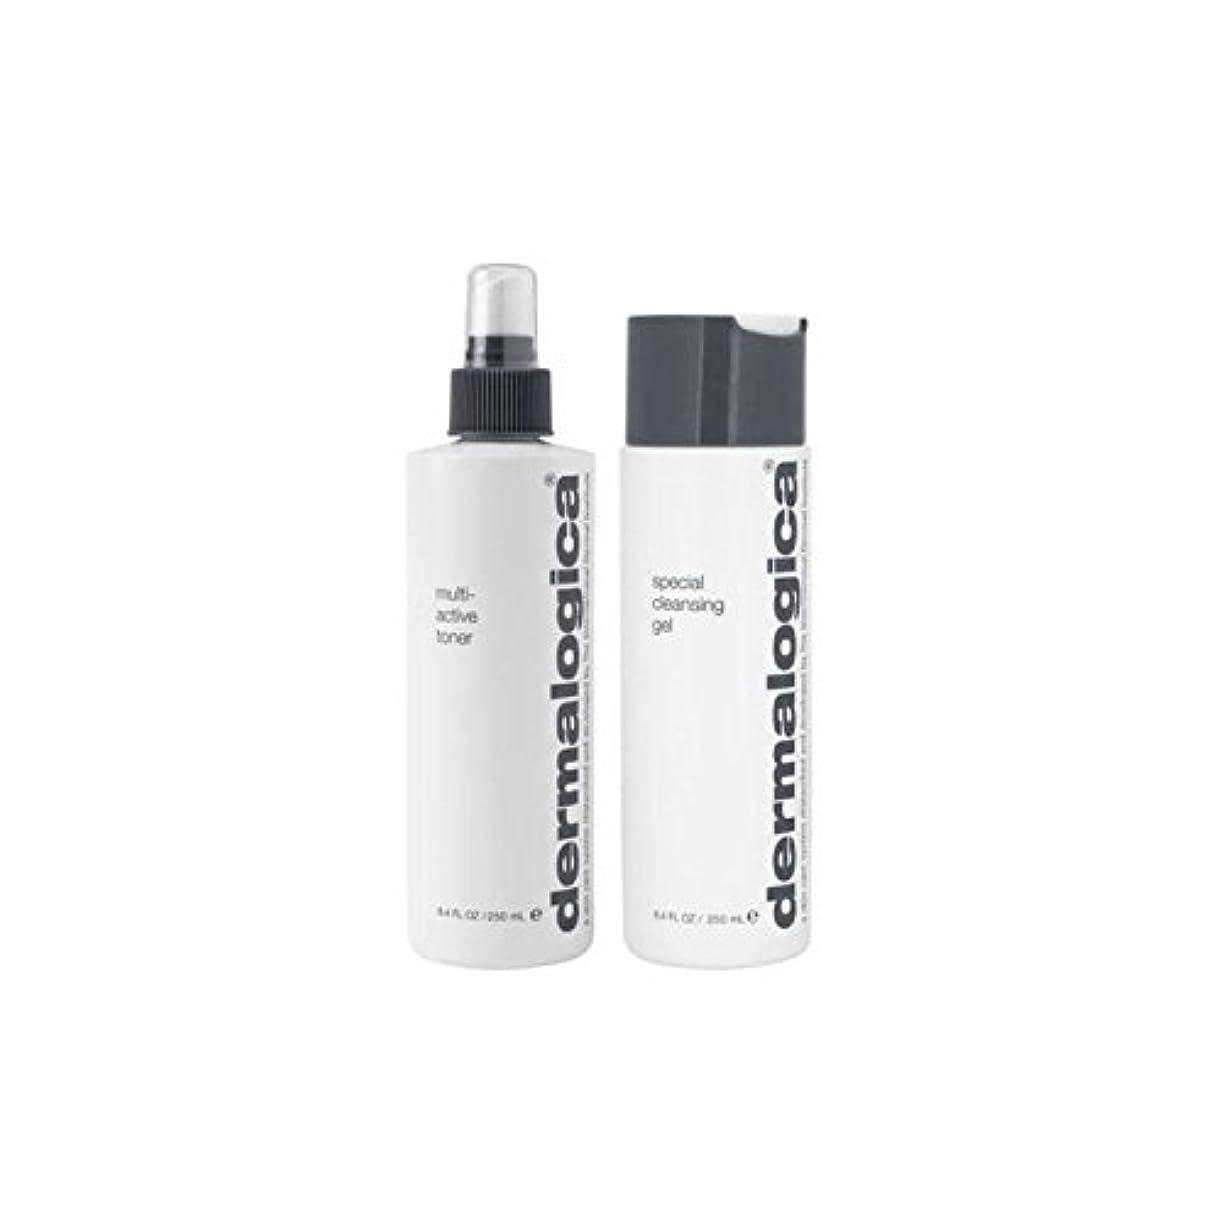 速記競争力のあるダーマロジカクレンジング&トーンデュオ - ノーマル/ドライスキン(2製品) x2 - Dermalogica Cleanse & Tone Duo - Normal/Dry Skin (2 Products) (Pack...